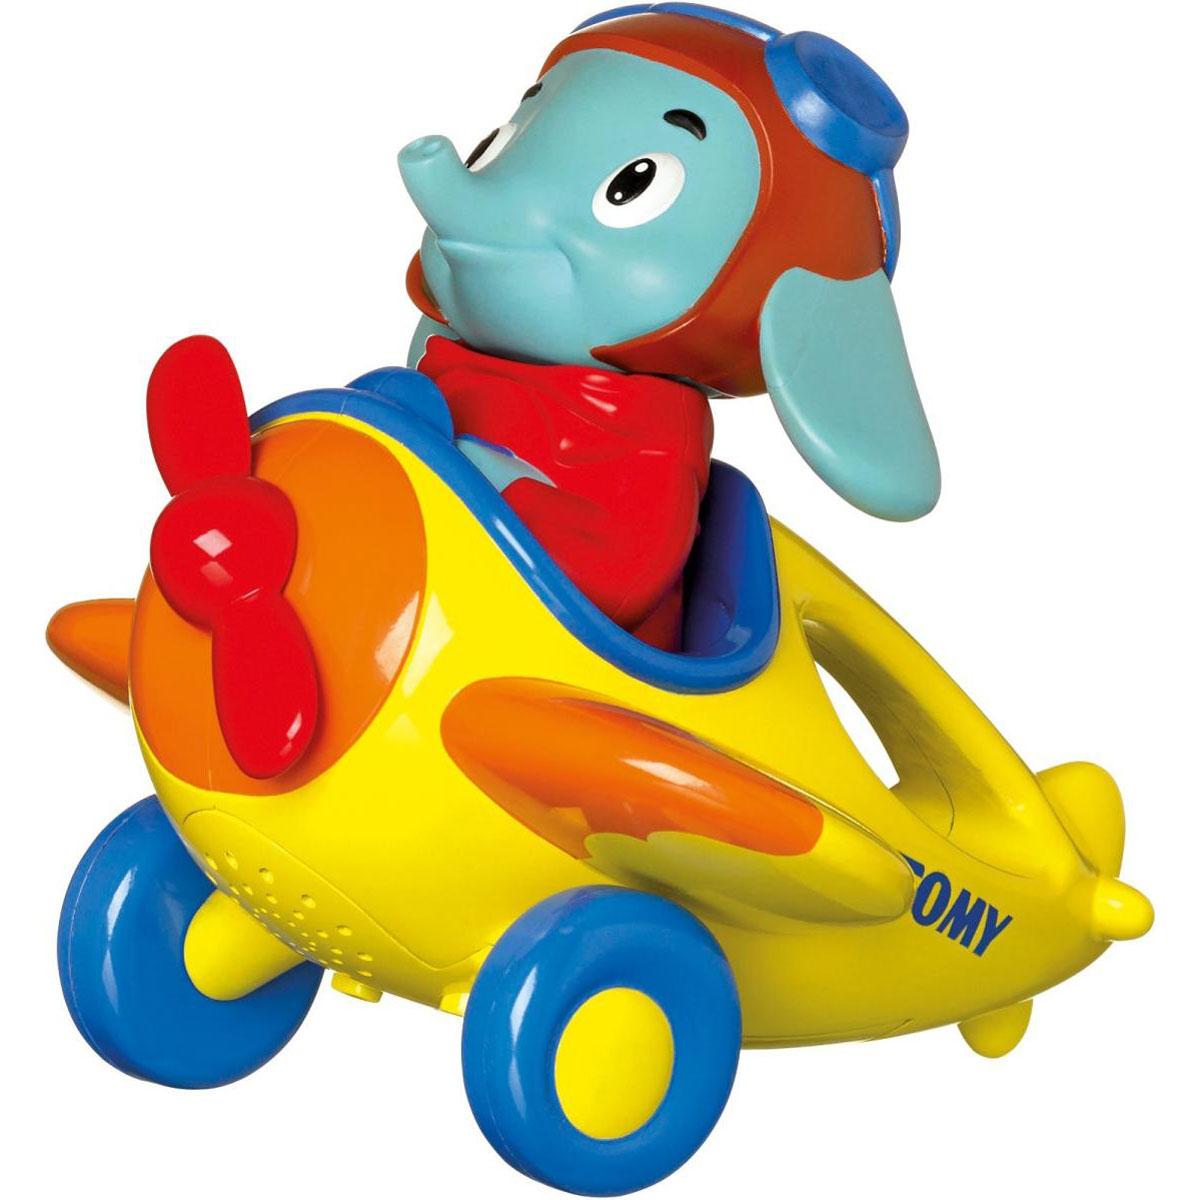 Tomy Развивающая игрушка Веселые виражи летчика ЛюкаE72202RUОригинальная развивающая игрушка Tomy Веселые виражи летчика Люка обязательно понравится вашему малышу. Выполнена из высококачественных материалов, не имеет острых углов, безопасна для ребенка. Игрушка представляет собой самолетик, за штурвалом которого сидит веселый слоненок. Чтобы запустить игрушку нужно нажать на голову слоненка. В режиме включения слоненок скажет: Ух ты, полетели, заведется моторчик, начнет крутиться винт, и заиграет музыка. Потом он скажет: Посчитаем?. Каждый раз, когда ребенок будет поднимать самолетик со слоненком в воздух, летчик считает от 1 до 10 - с каждым поднятием, с каждой волной. Ваш ребенок будет в восторге. Есть также демо-режим - находясь в нем, играет музыка, работает двигатель. Эта милая игрушка надолго увлечет вашего малыша, и поможет ему весело и с пользой провести время. Для работы игрушки рекомендуется докупить 3 батарейки напряжением 1,5V типа ААА (товар комплектуется демонстрационными).